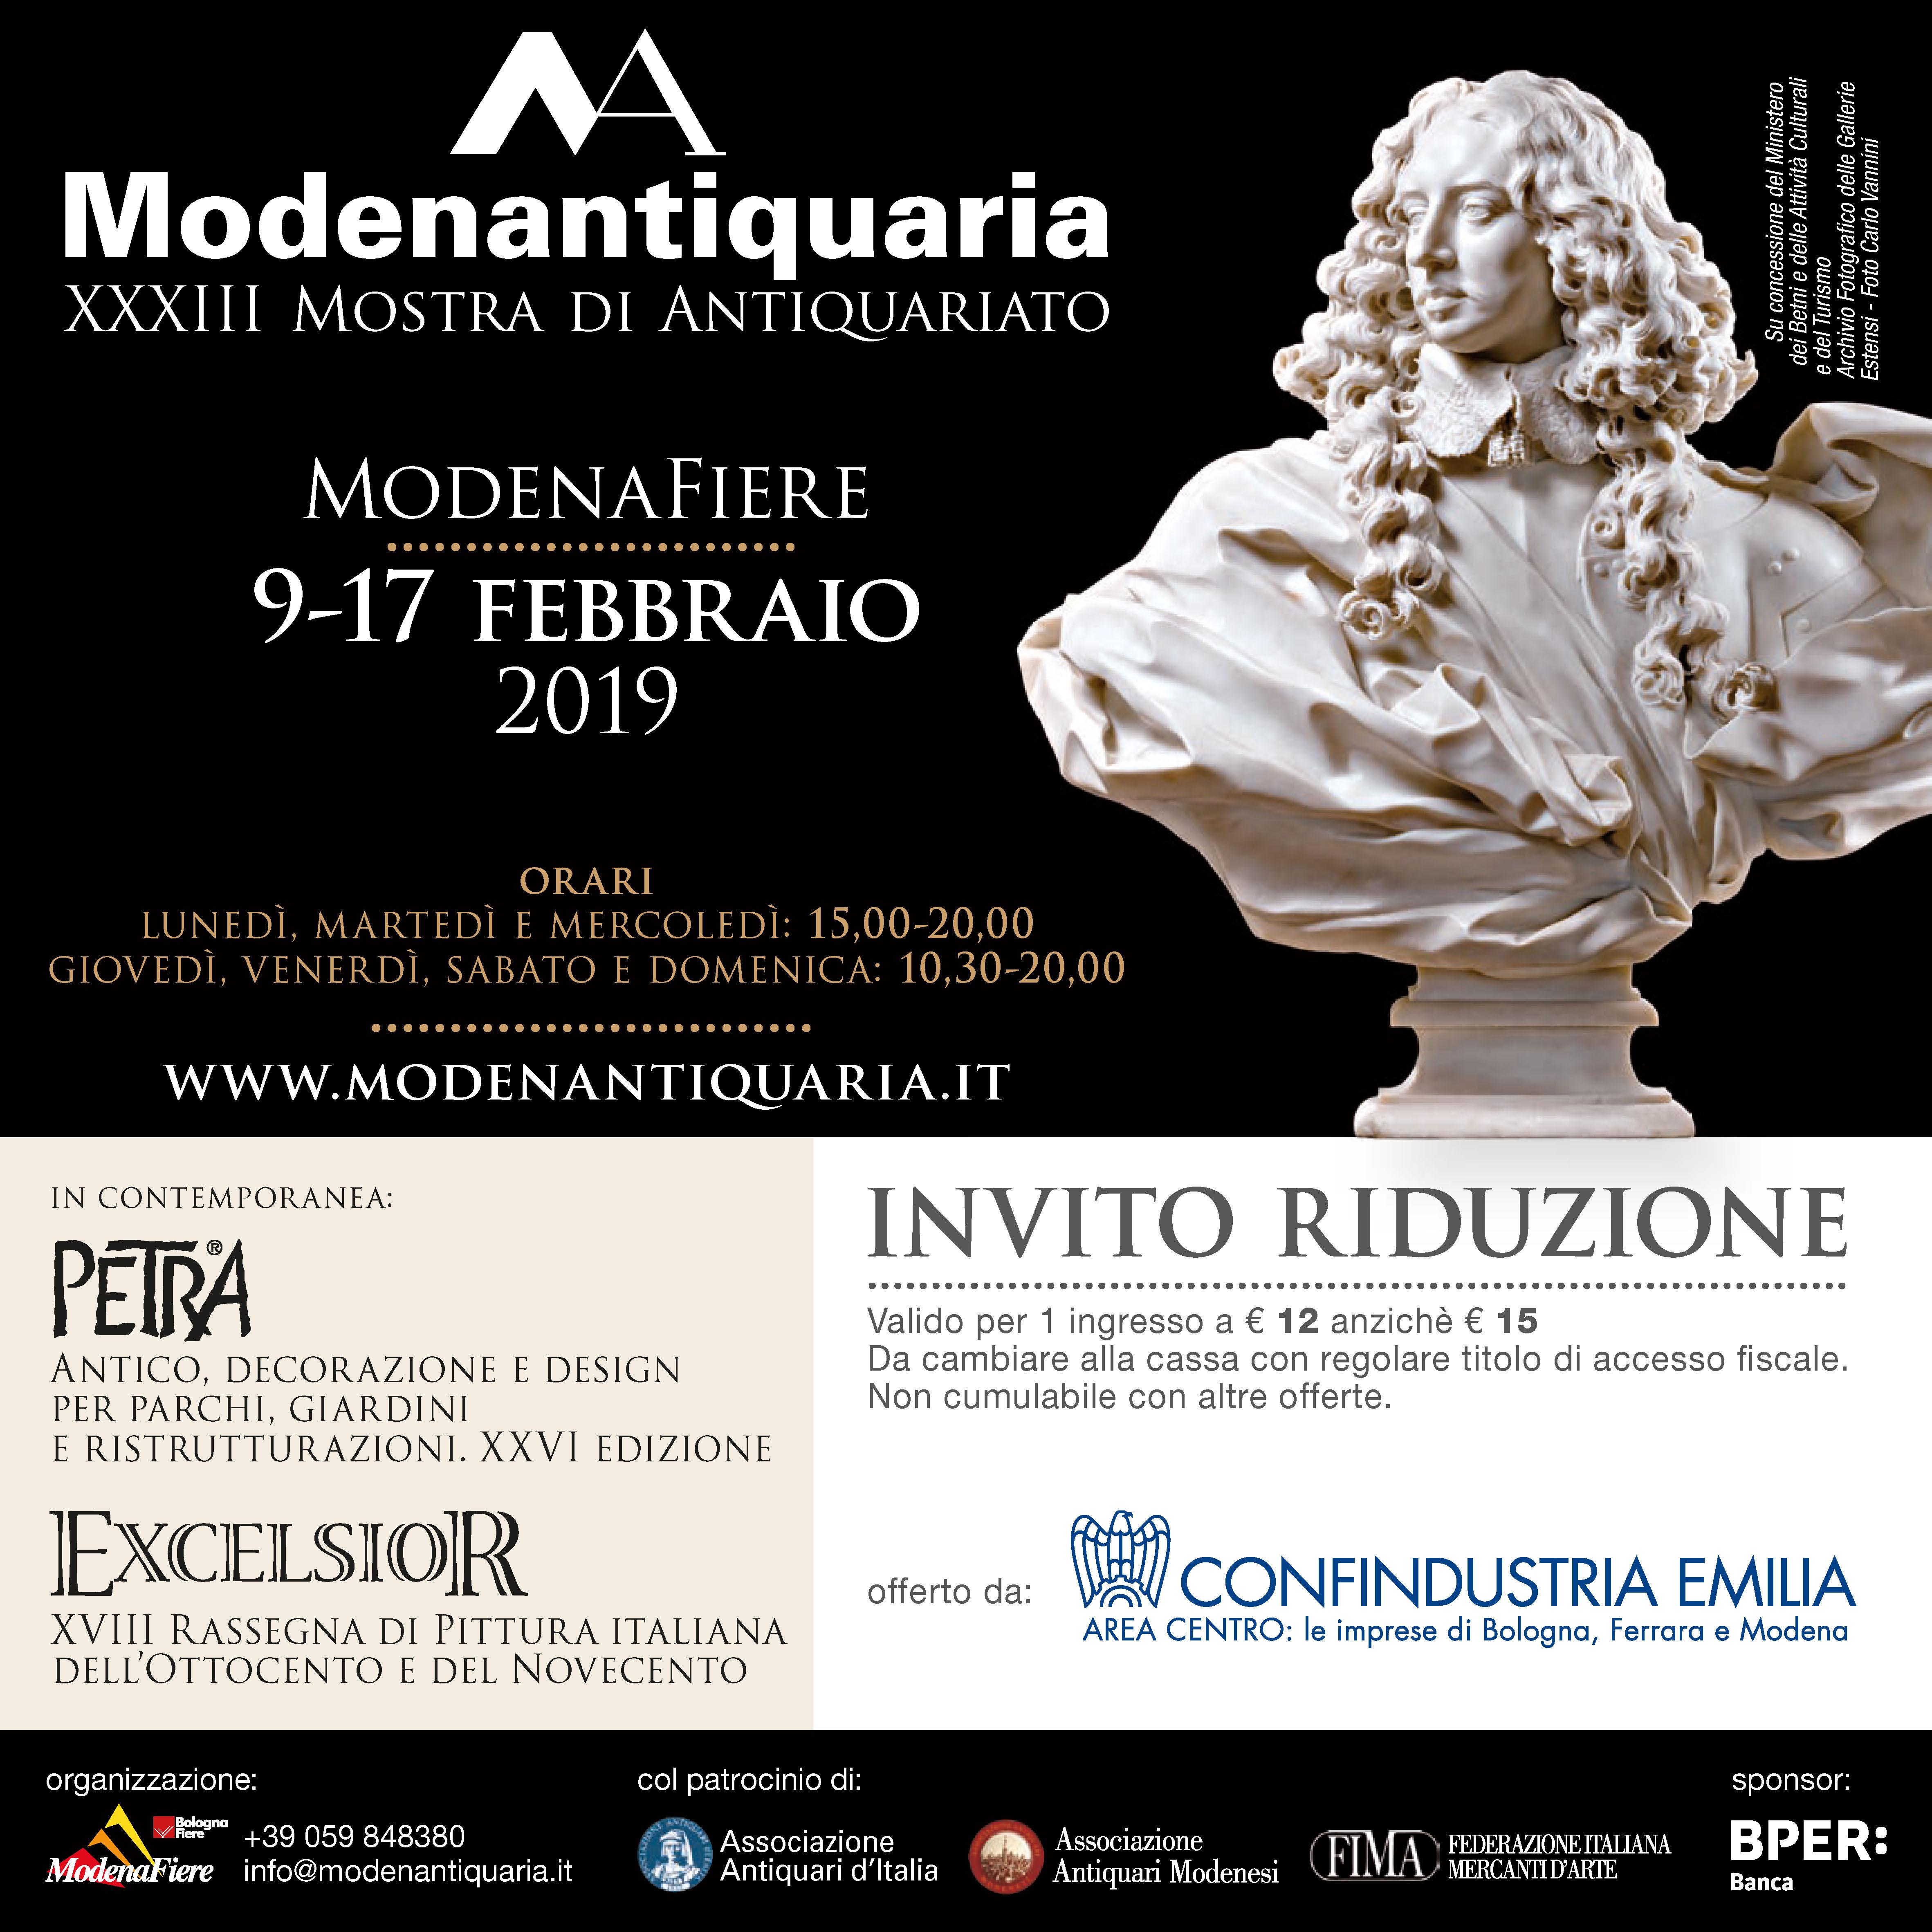 Modena Antiquaria – Acquisto biglietti a tariffa ridotta per i soci